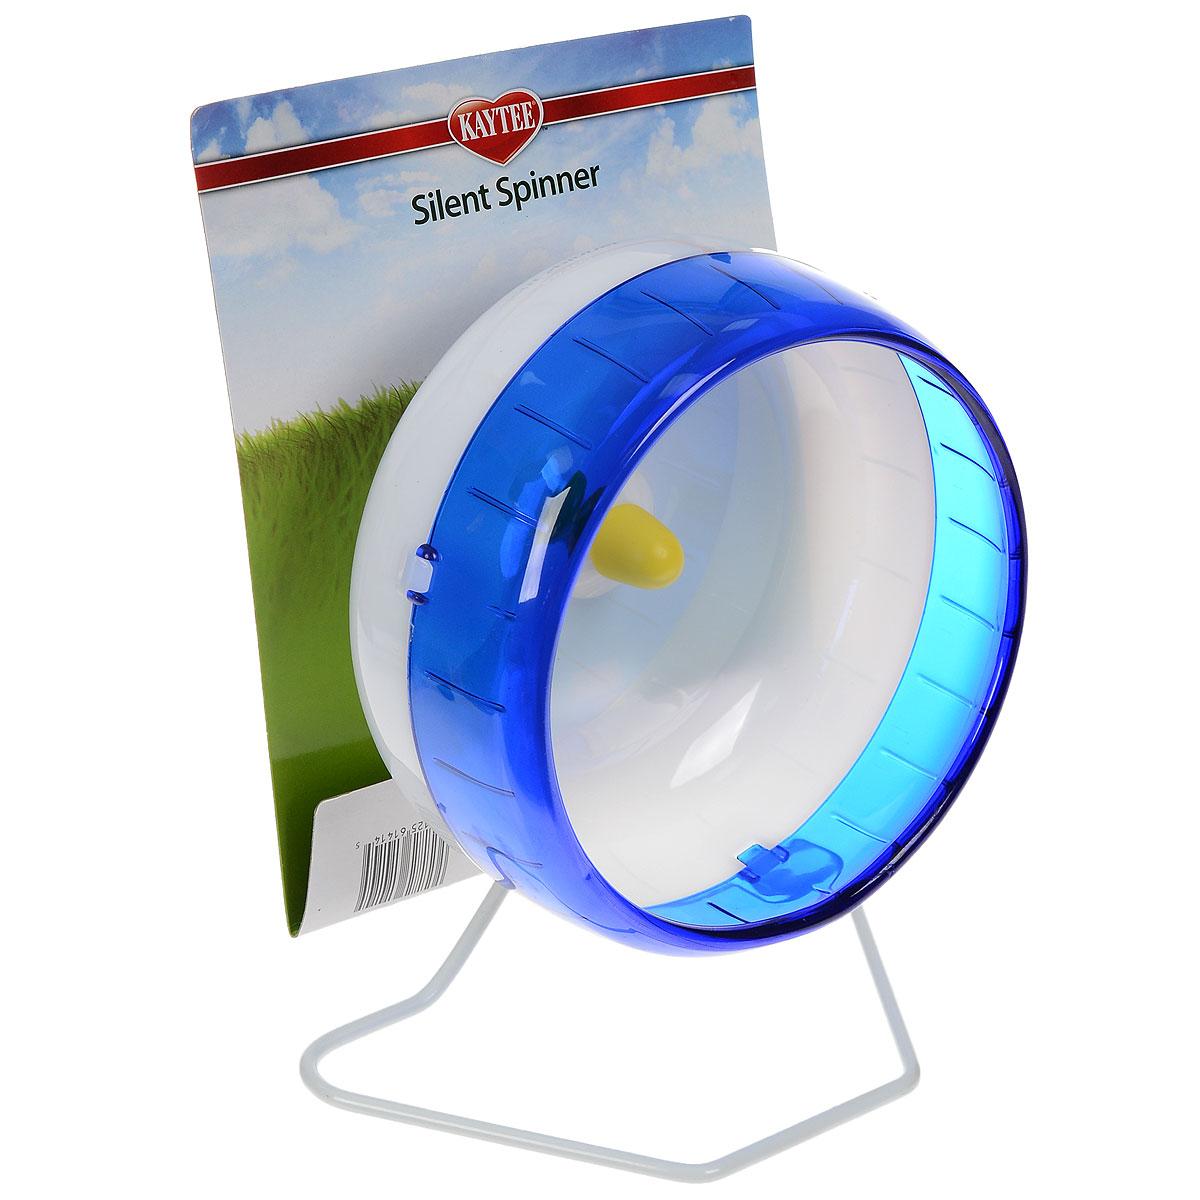 Колесо для грызунов I.P.T.S., цвет: белый, синий, диаметр 16,5 см0120710Колесо для грызунов I.P.T.S., изготовленное из прочного пластика, абсолютно бесшумное. Для грызунов очень важно постоянно разминать свои лапки и поддерживать физической форму. Именно поэтому одним из самых востребованных дополнительных аксессуаров для них являются различные приспособления для бега. Тренировки на колесе станут питомцу в радость и не позволят набрать лишний вес. Предназначено для сирийских и карликовых хомяков, песчанок и мышей. Колесо можно установить на дно клетки, а также прикрепить к стенке. Диаметр колеса: 16,5 см.